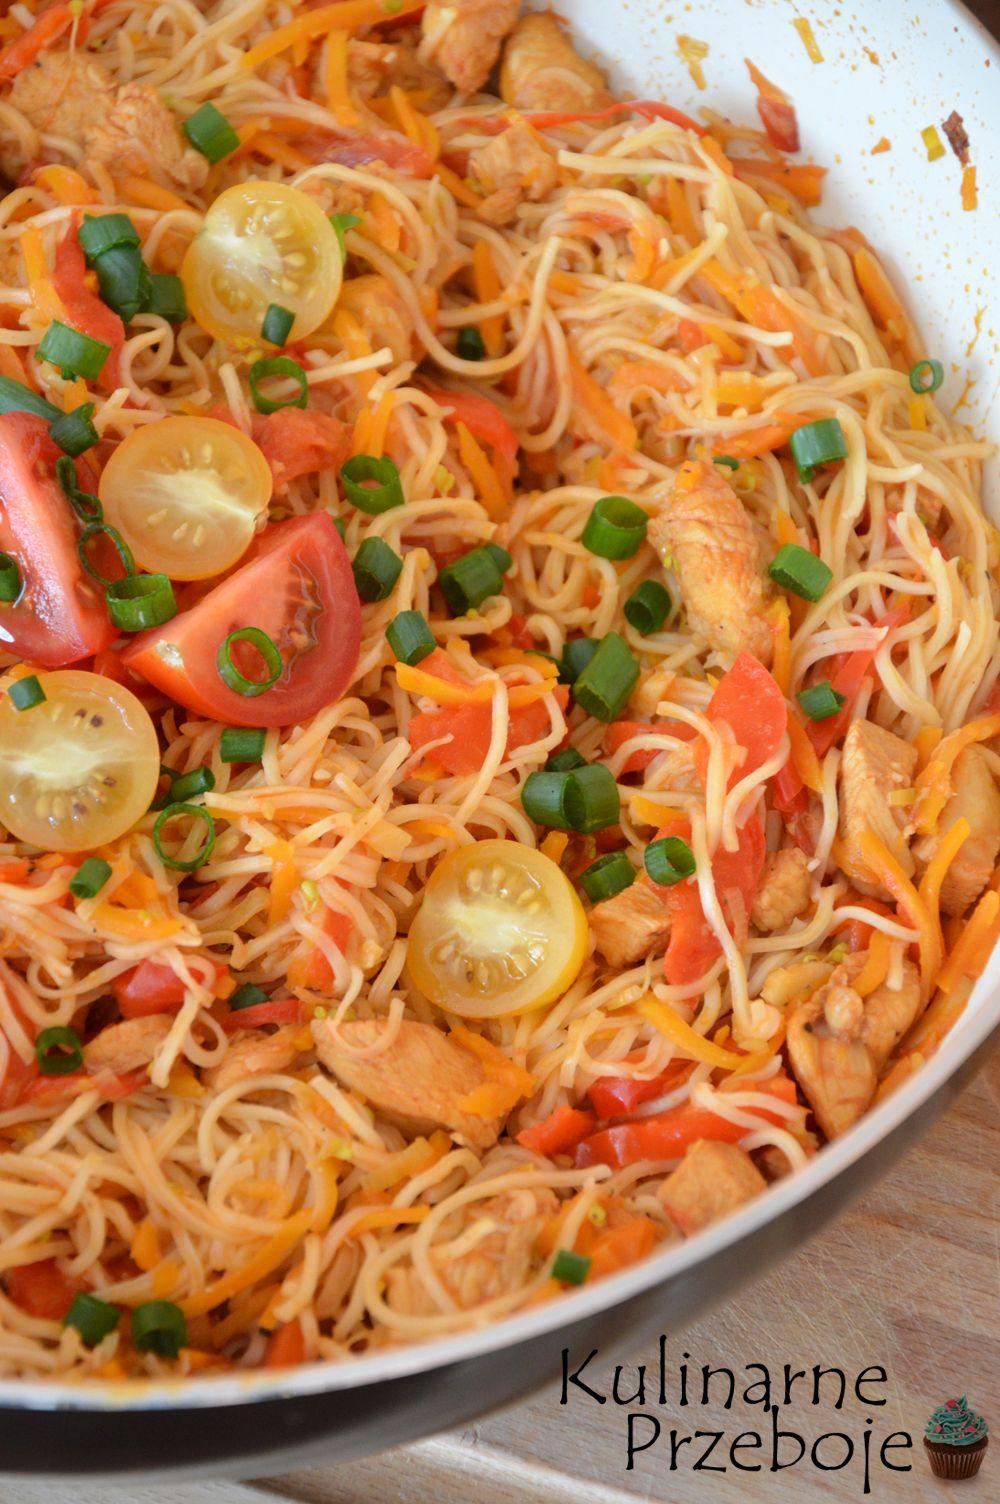 Chinska Patelnia Z Kurczakiem Kulinarneprzeboje Pl Recipe Culinary Recipes Food Inspiration Chow Mein